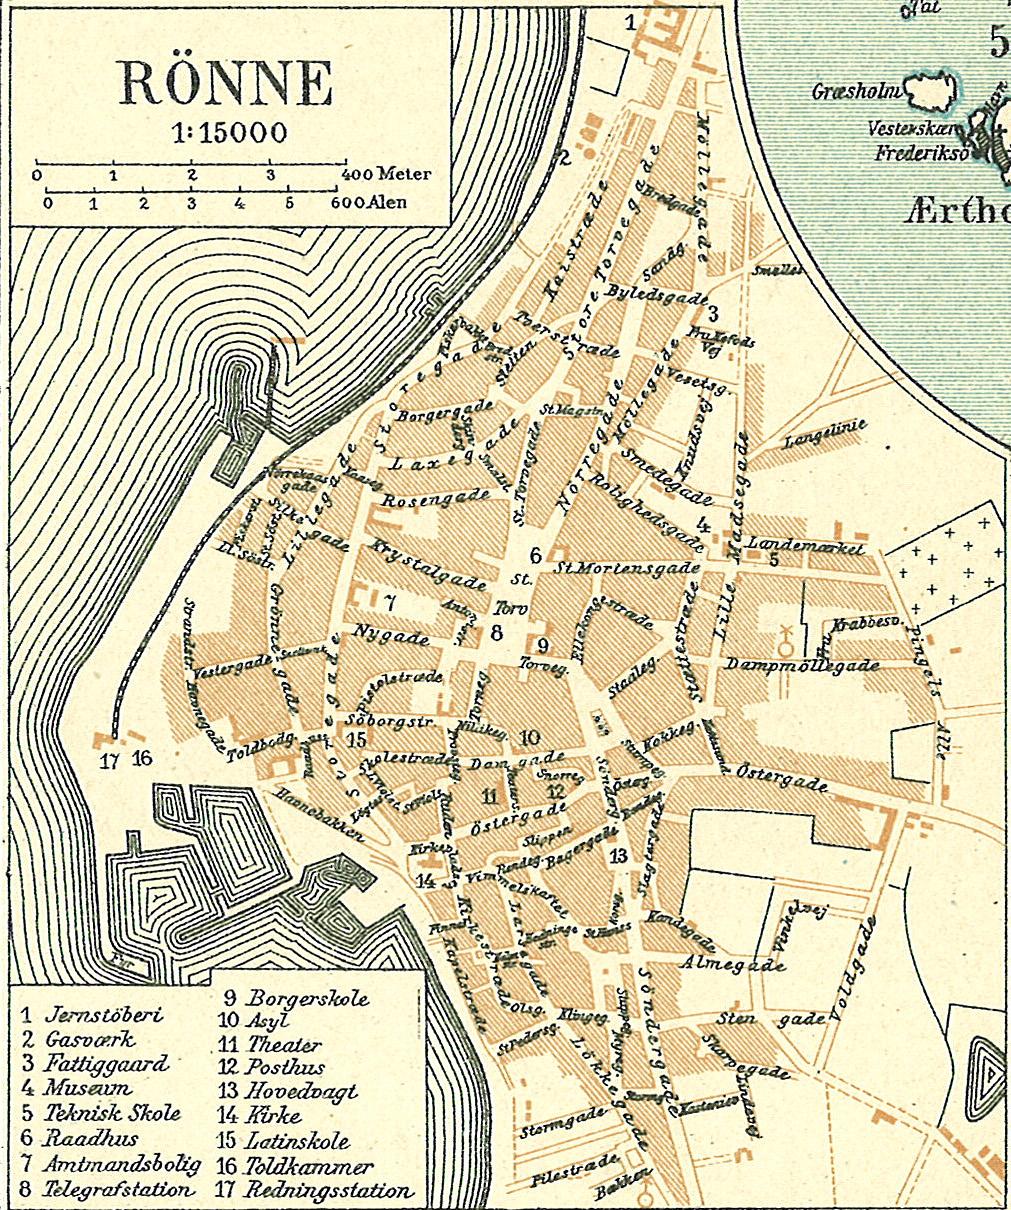 File Imageroenne 1900 Jpg Wikipedia